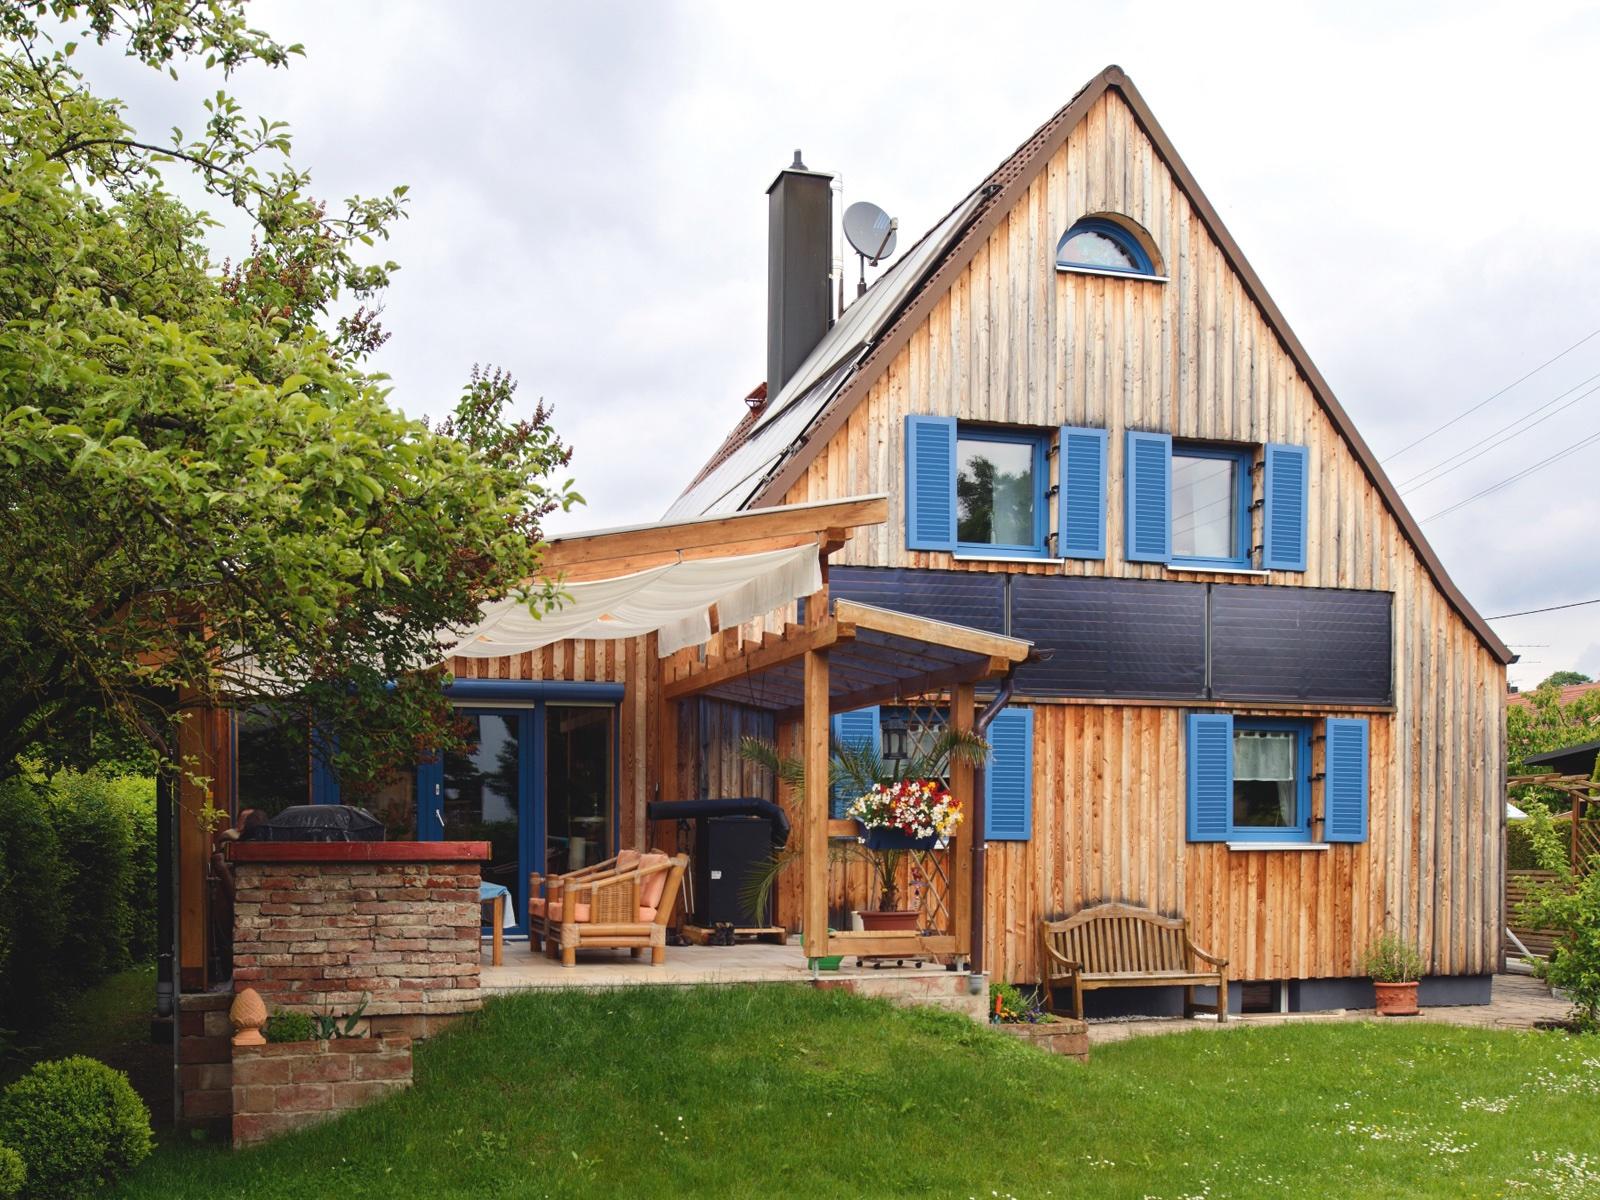 schrittweise zum energie spar erfolg juni 2016 familienheim und garten. Black Bedroom Furniture Sets. Home Design Ideas